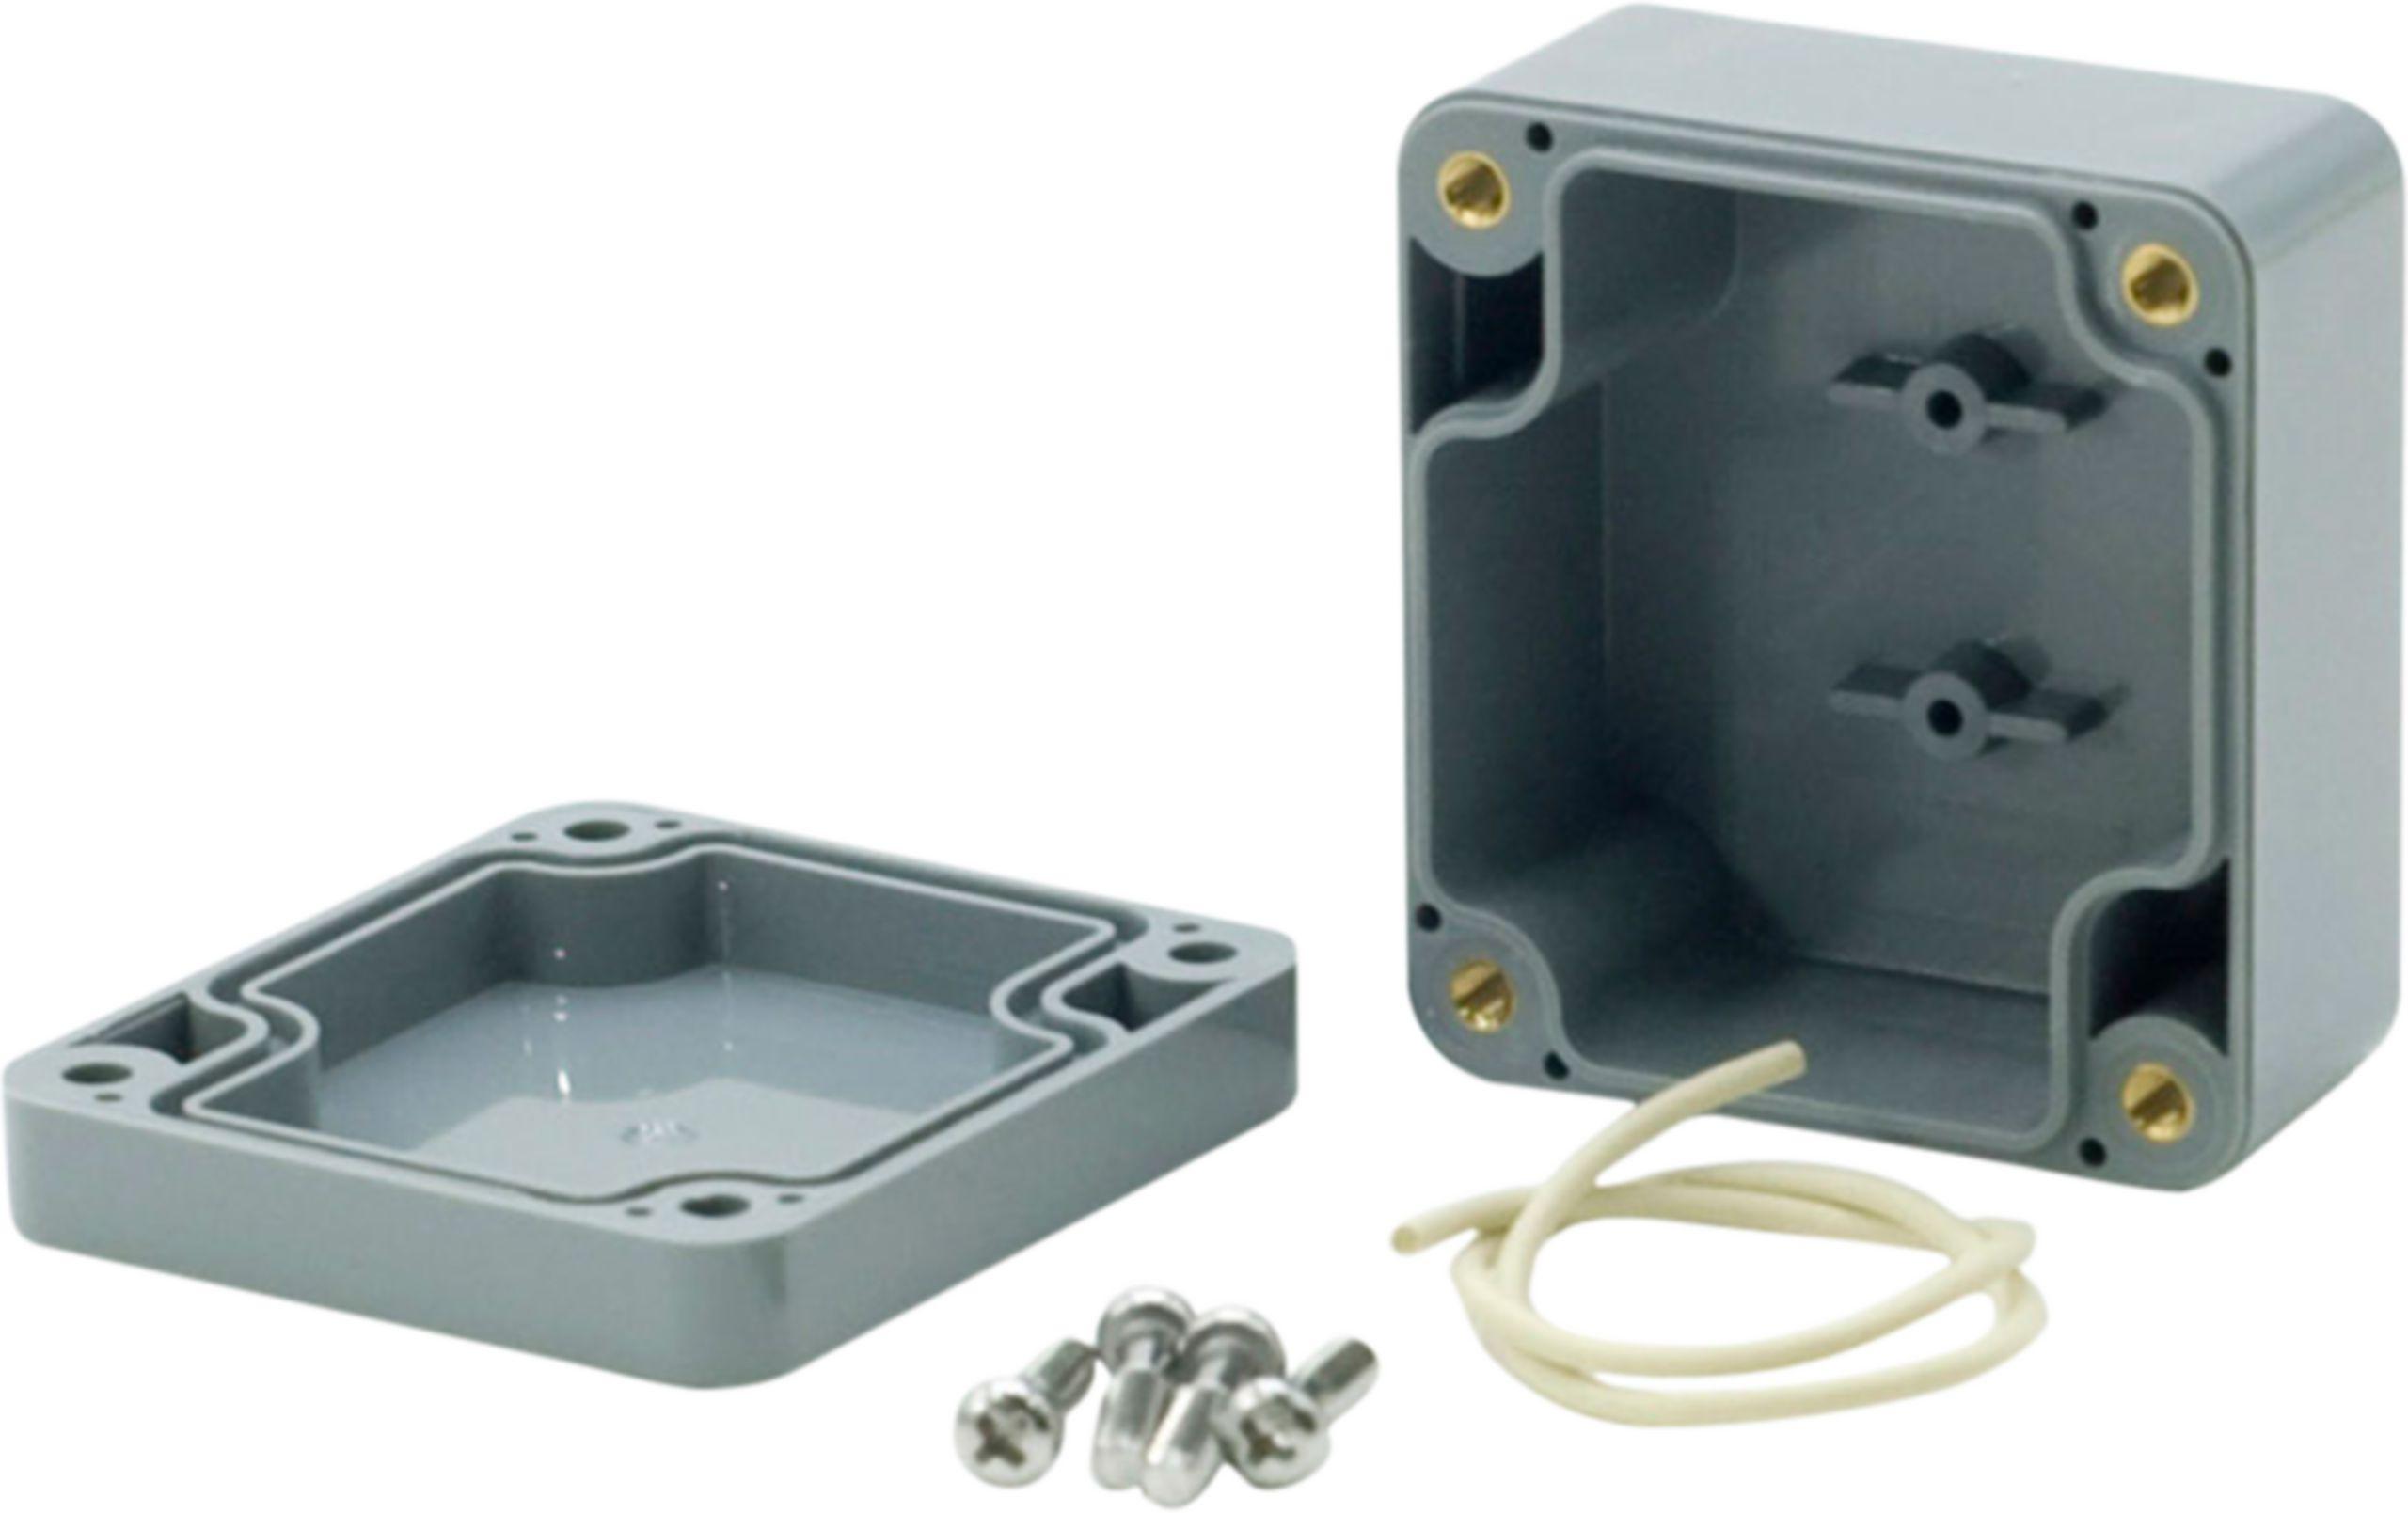 Krabička ABS plast, IP 65, tmavě šedá 115 x 65 x 55 mm